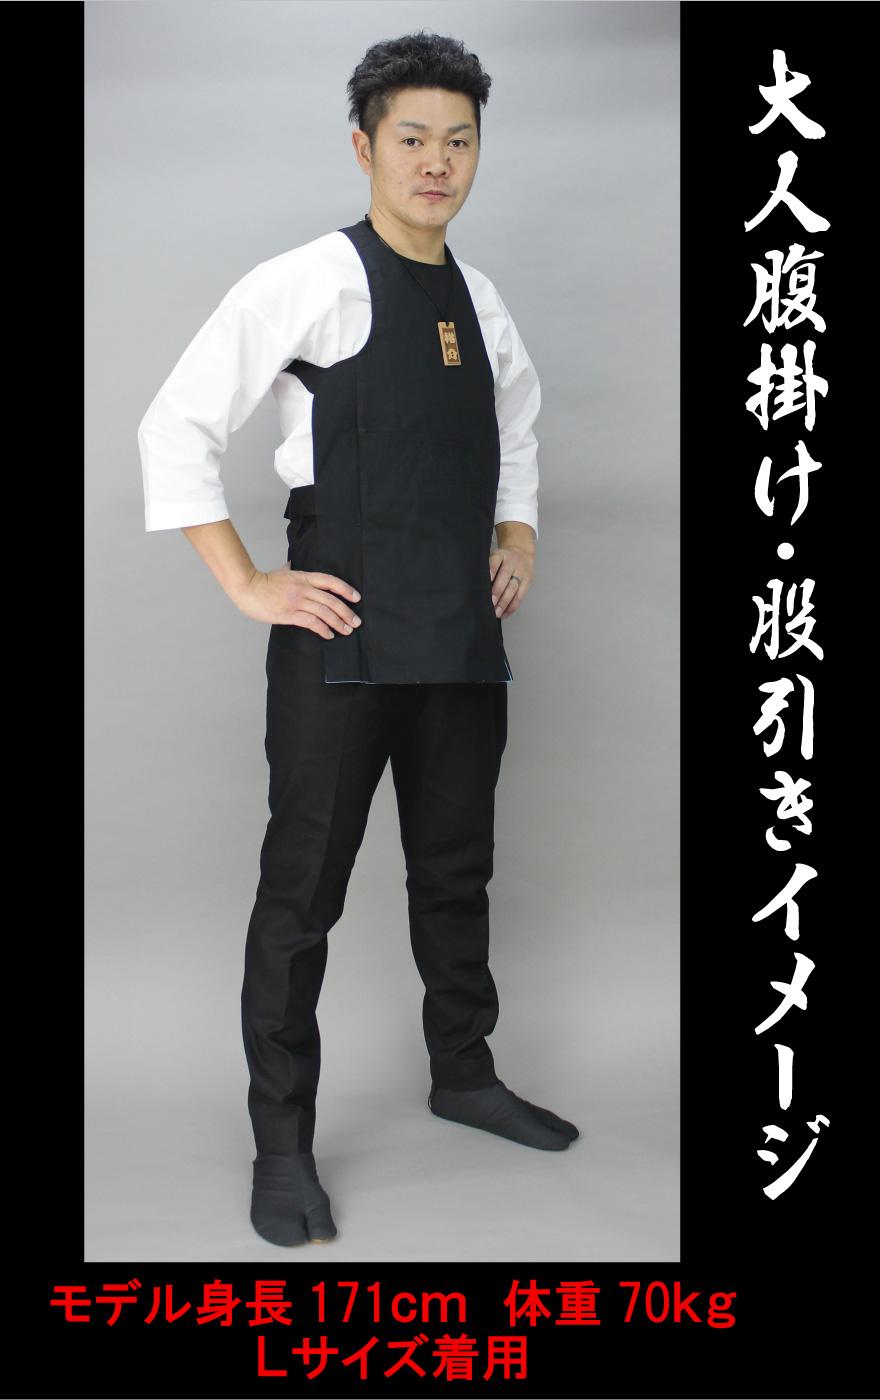 腹掛が安い【5190/黒】の和太鼓...